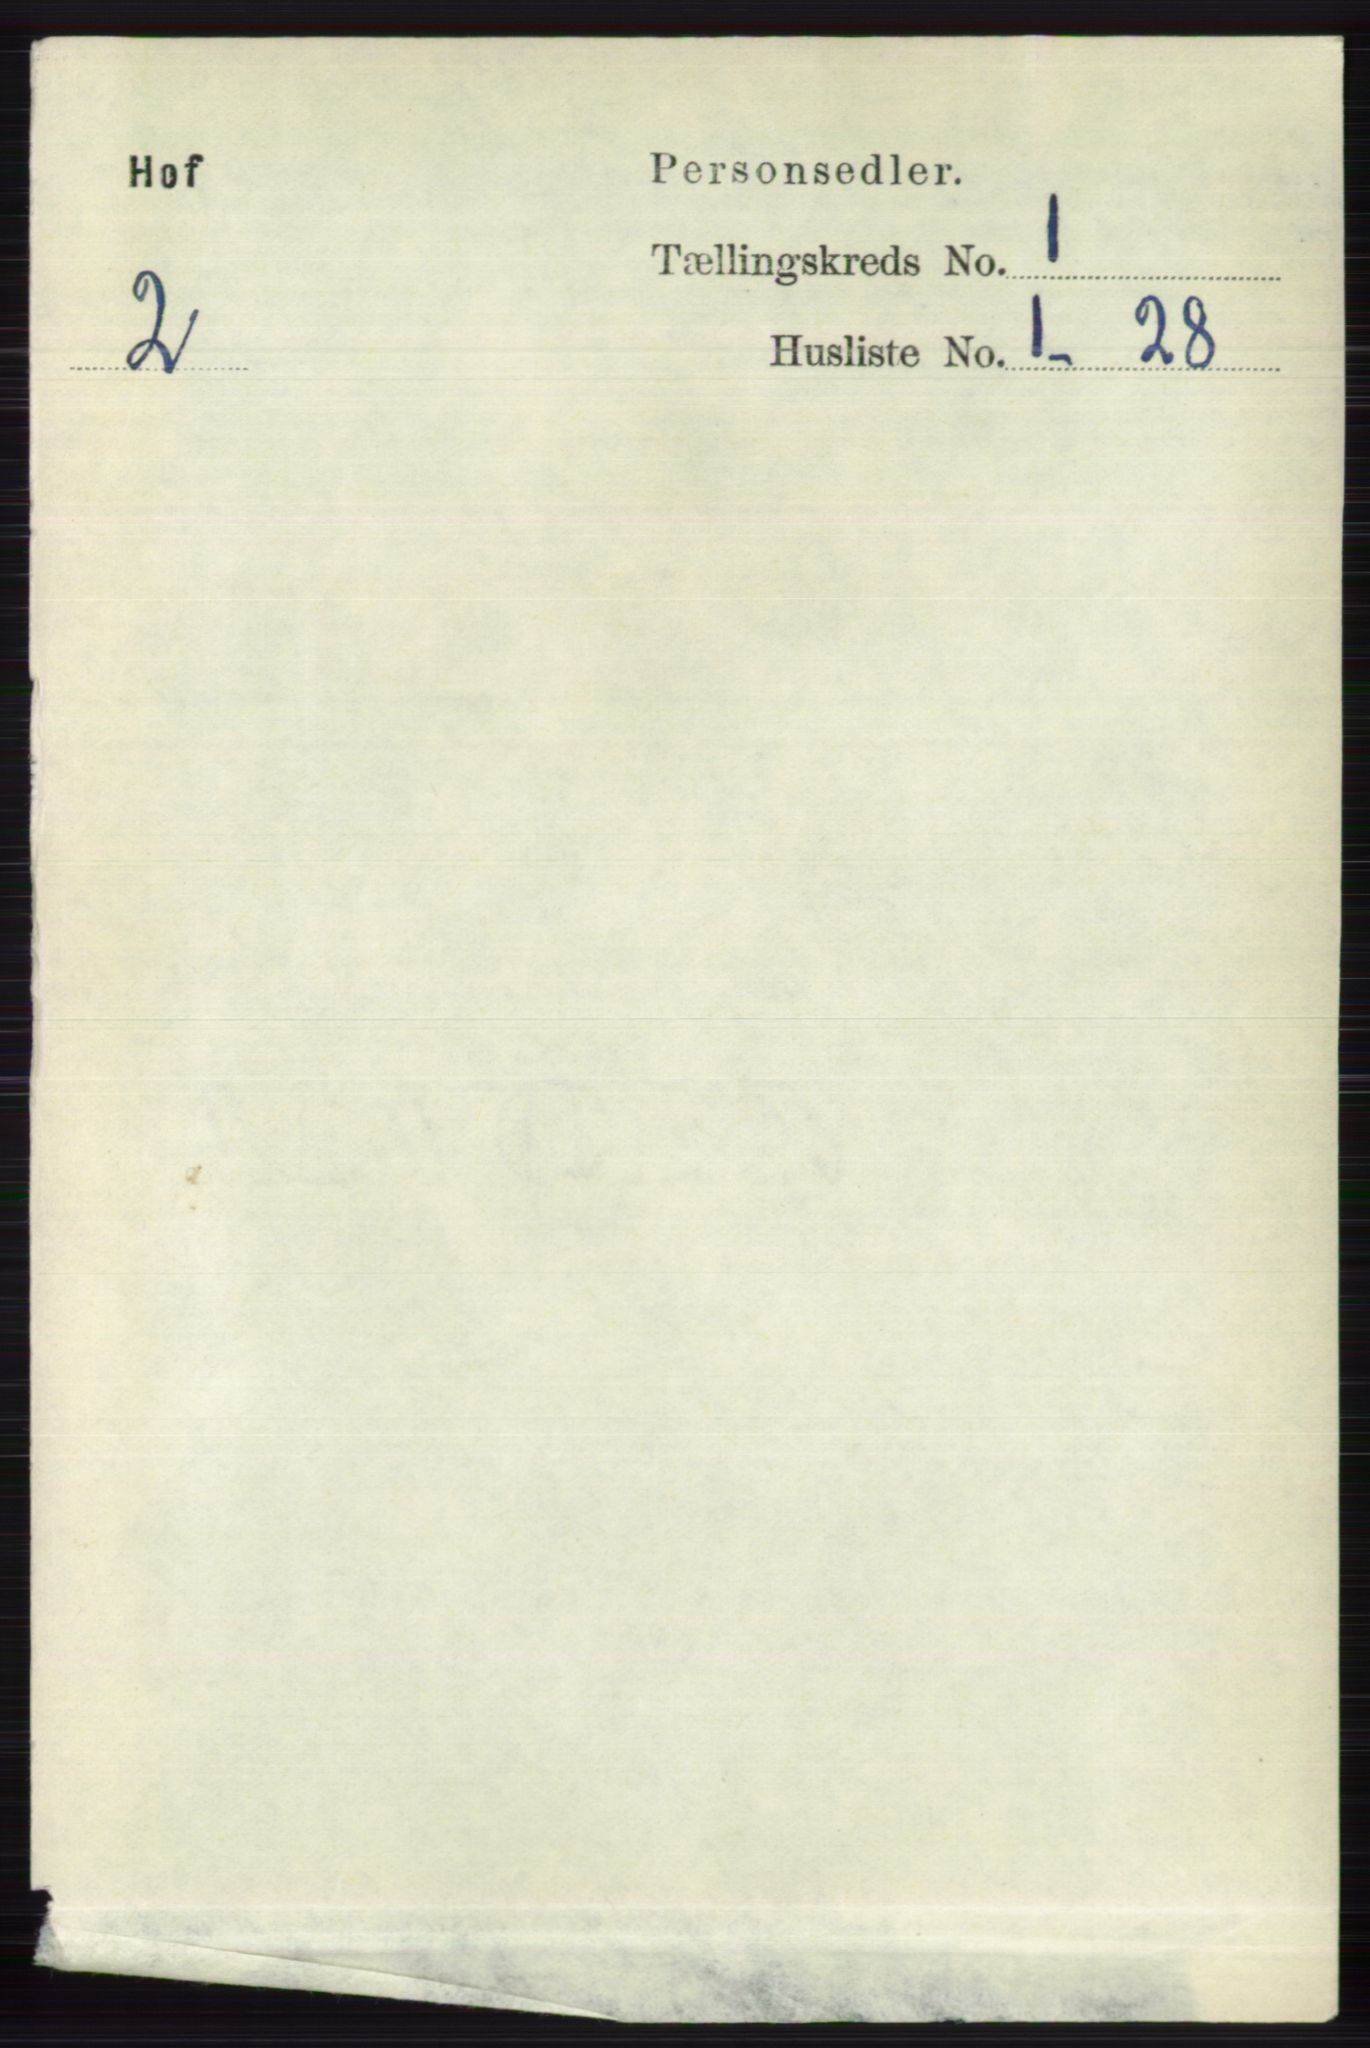 RA, Folketelling 1891 for 0714 Hof herred, 1891, s. 78